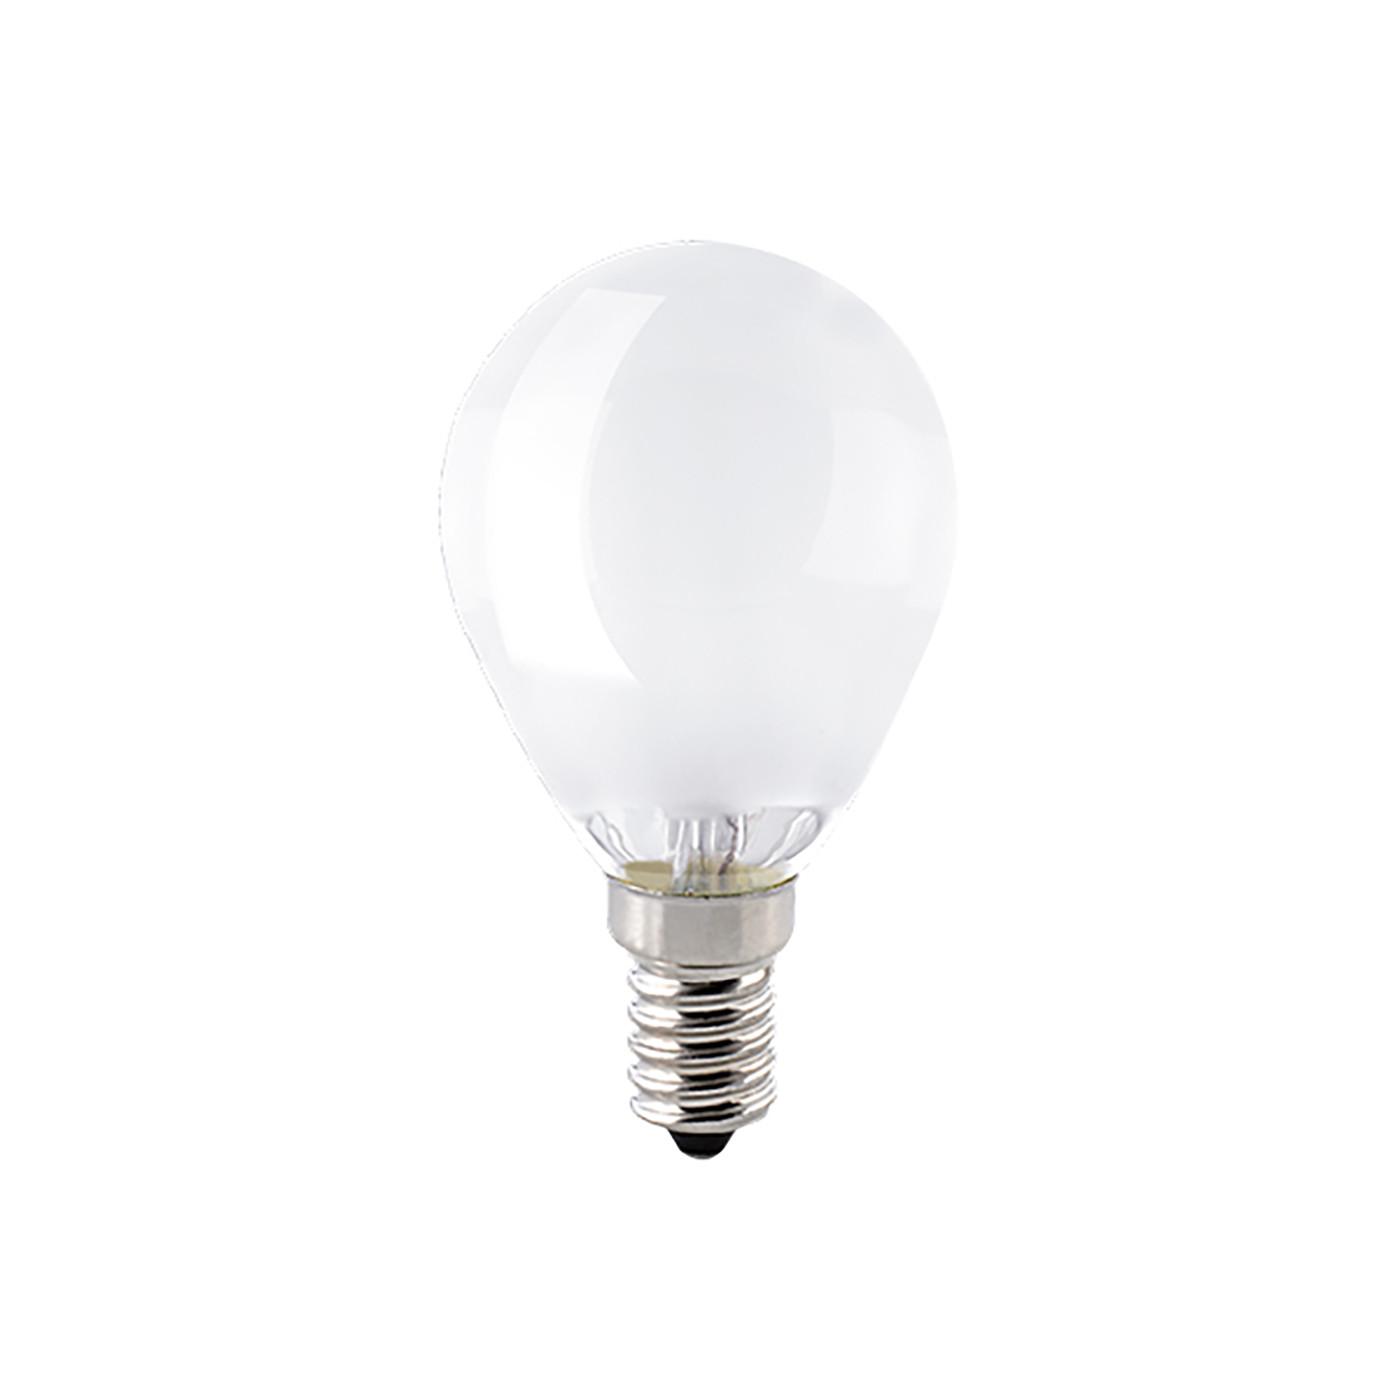 Sigor LED filament ball-shaped lamp P45 2,5W 2700K 230V E14 matt